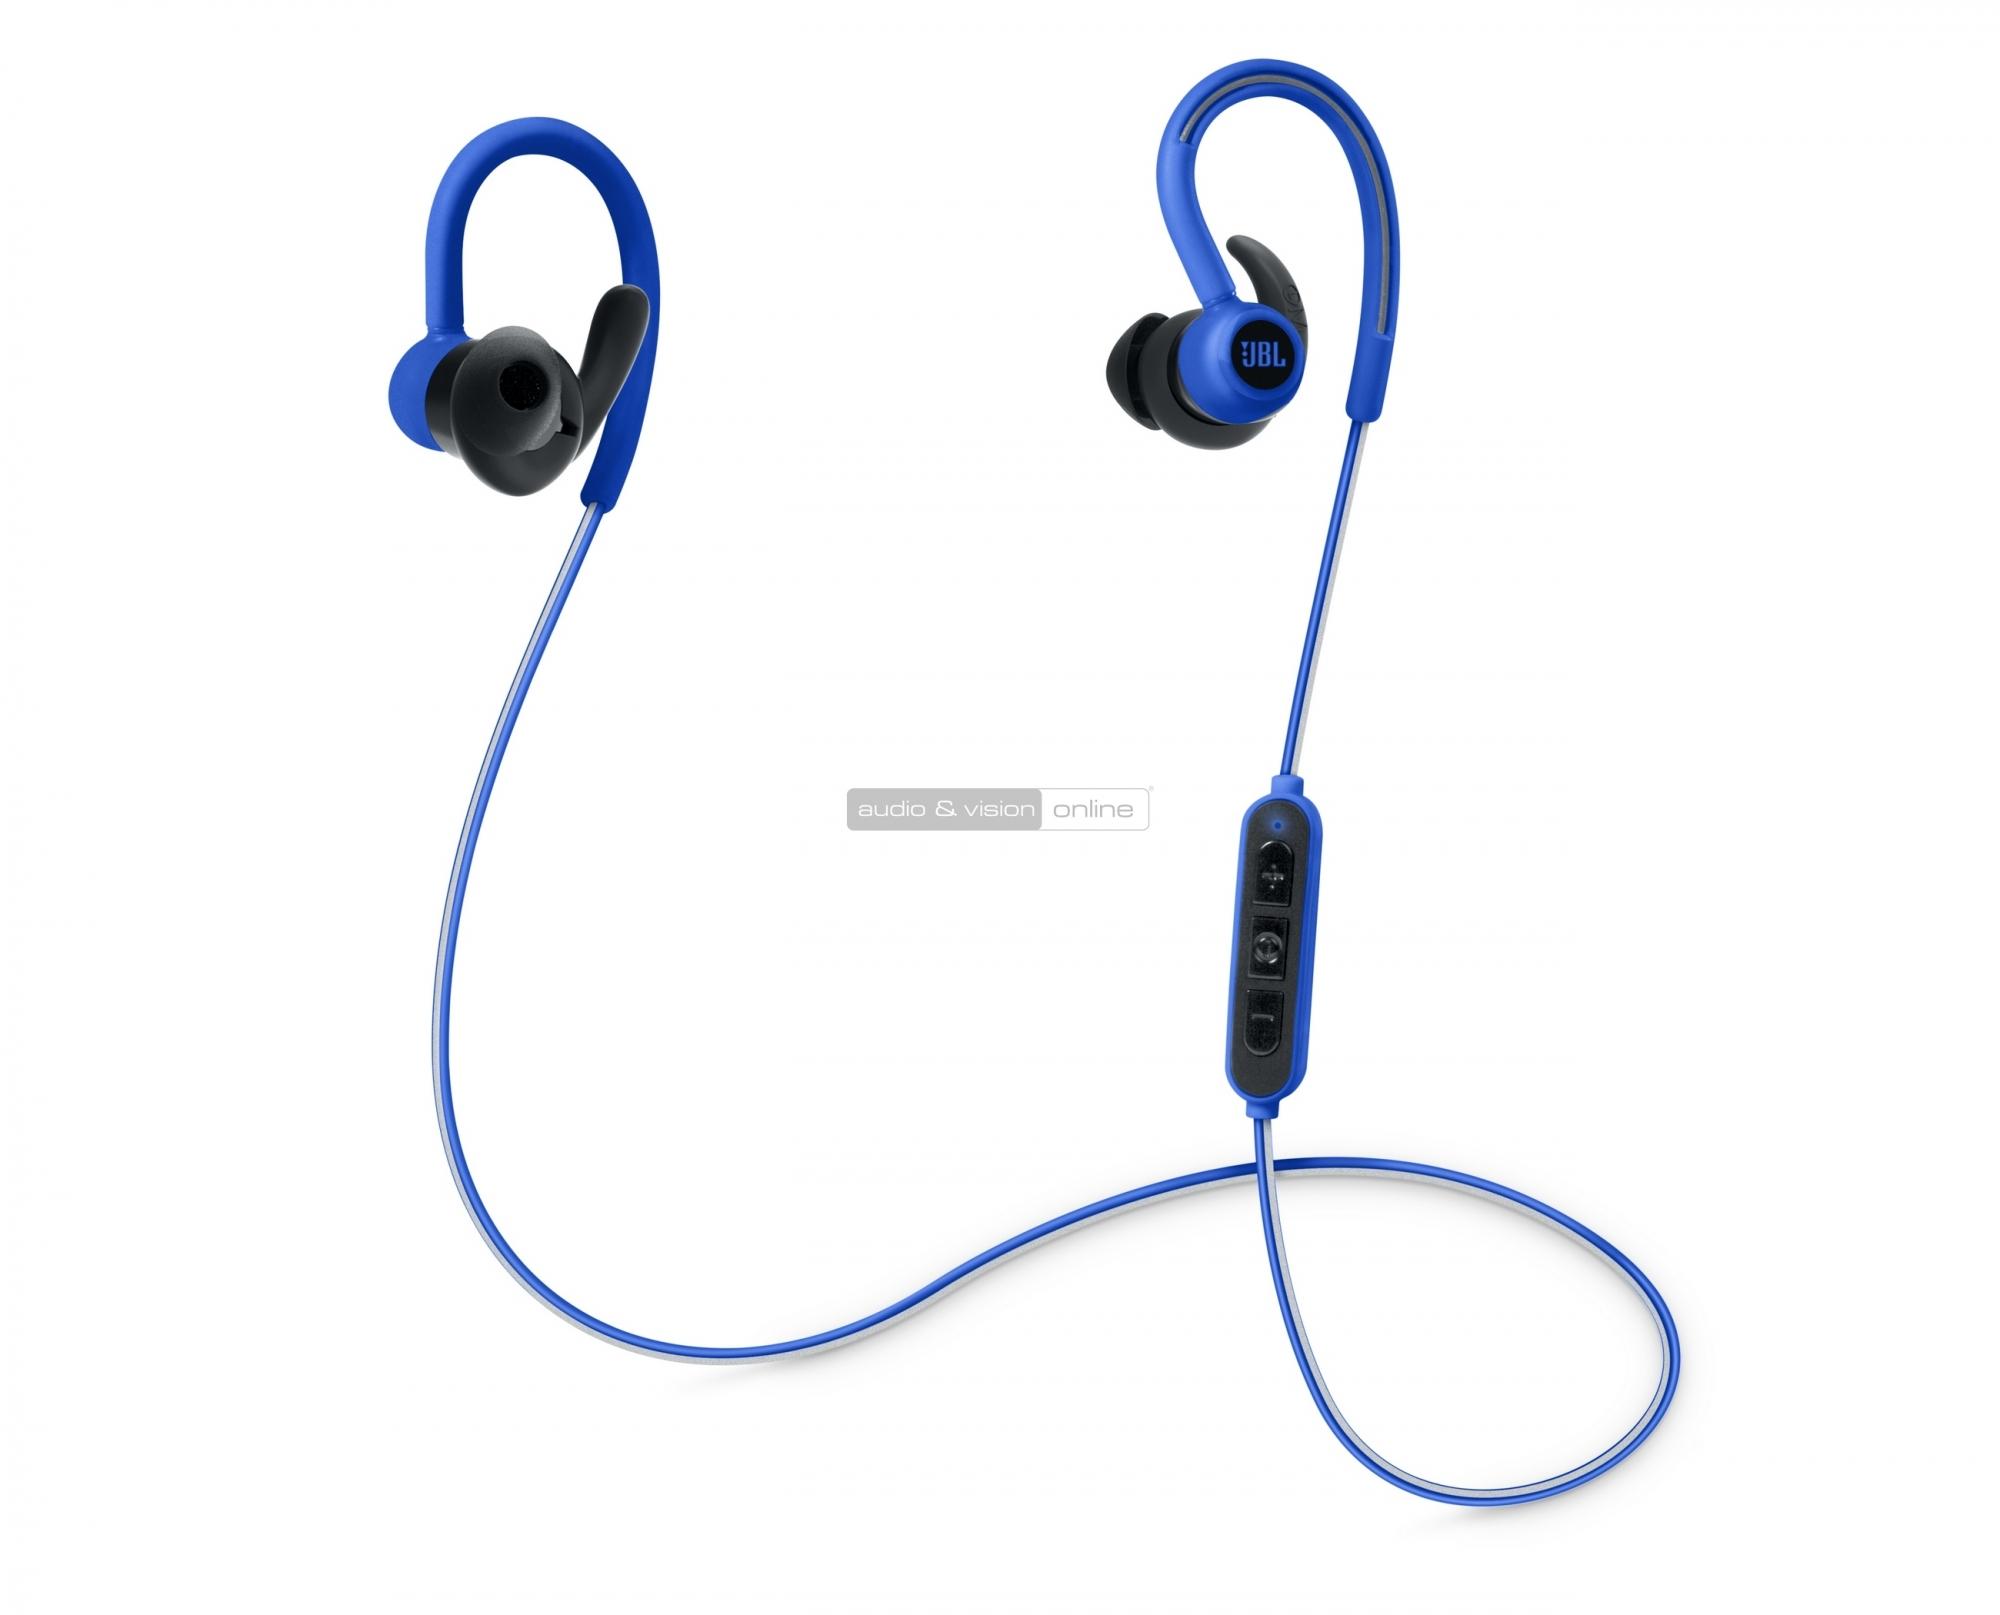 JBL Reflect Contour BT Bluetooth sportfülhallgató teszt  6d43ba643d